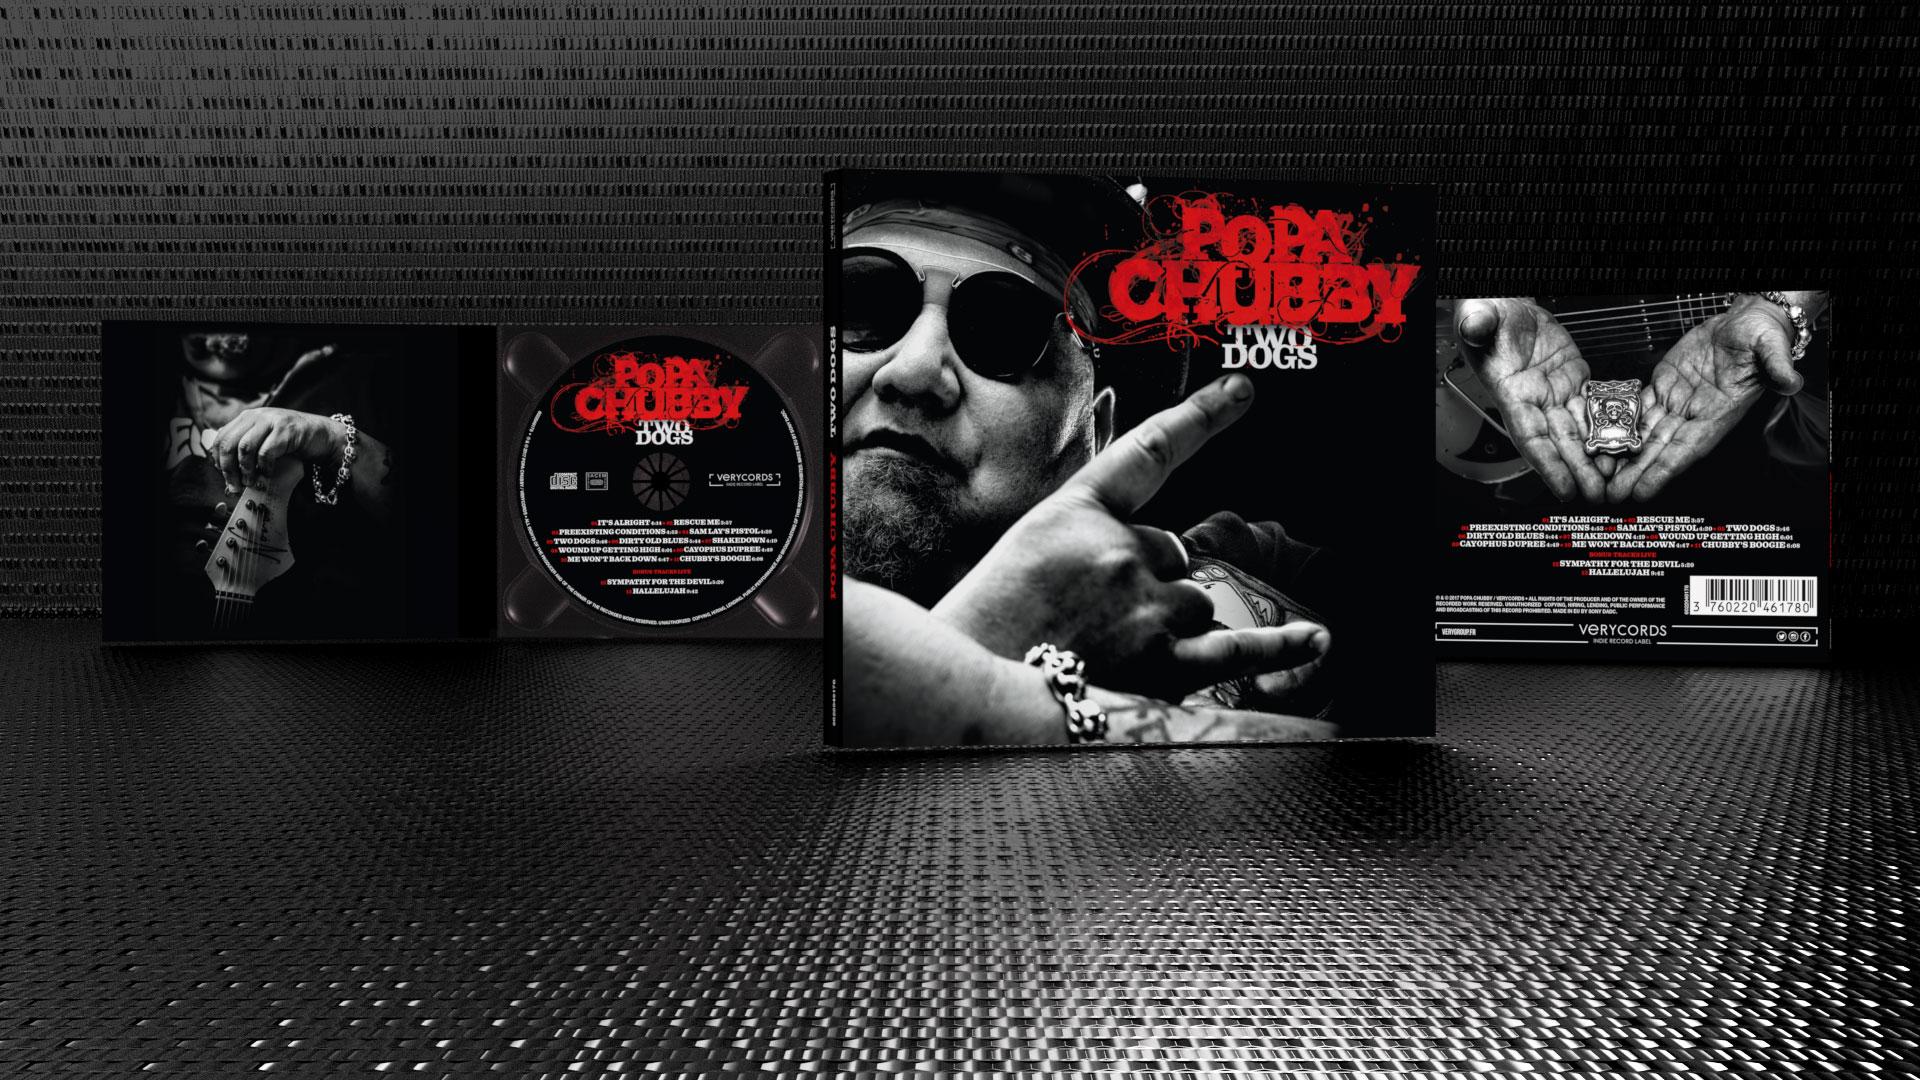 Design graphique et typographie pour le nouvel album de Popa Chubby : Two Dogs. CD, Digipack et Vynil. Photos de Harrison O'Brien.